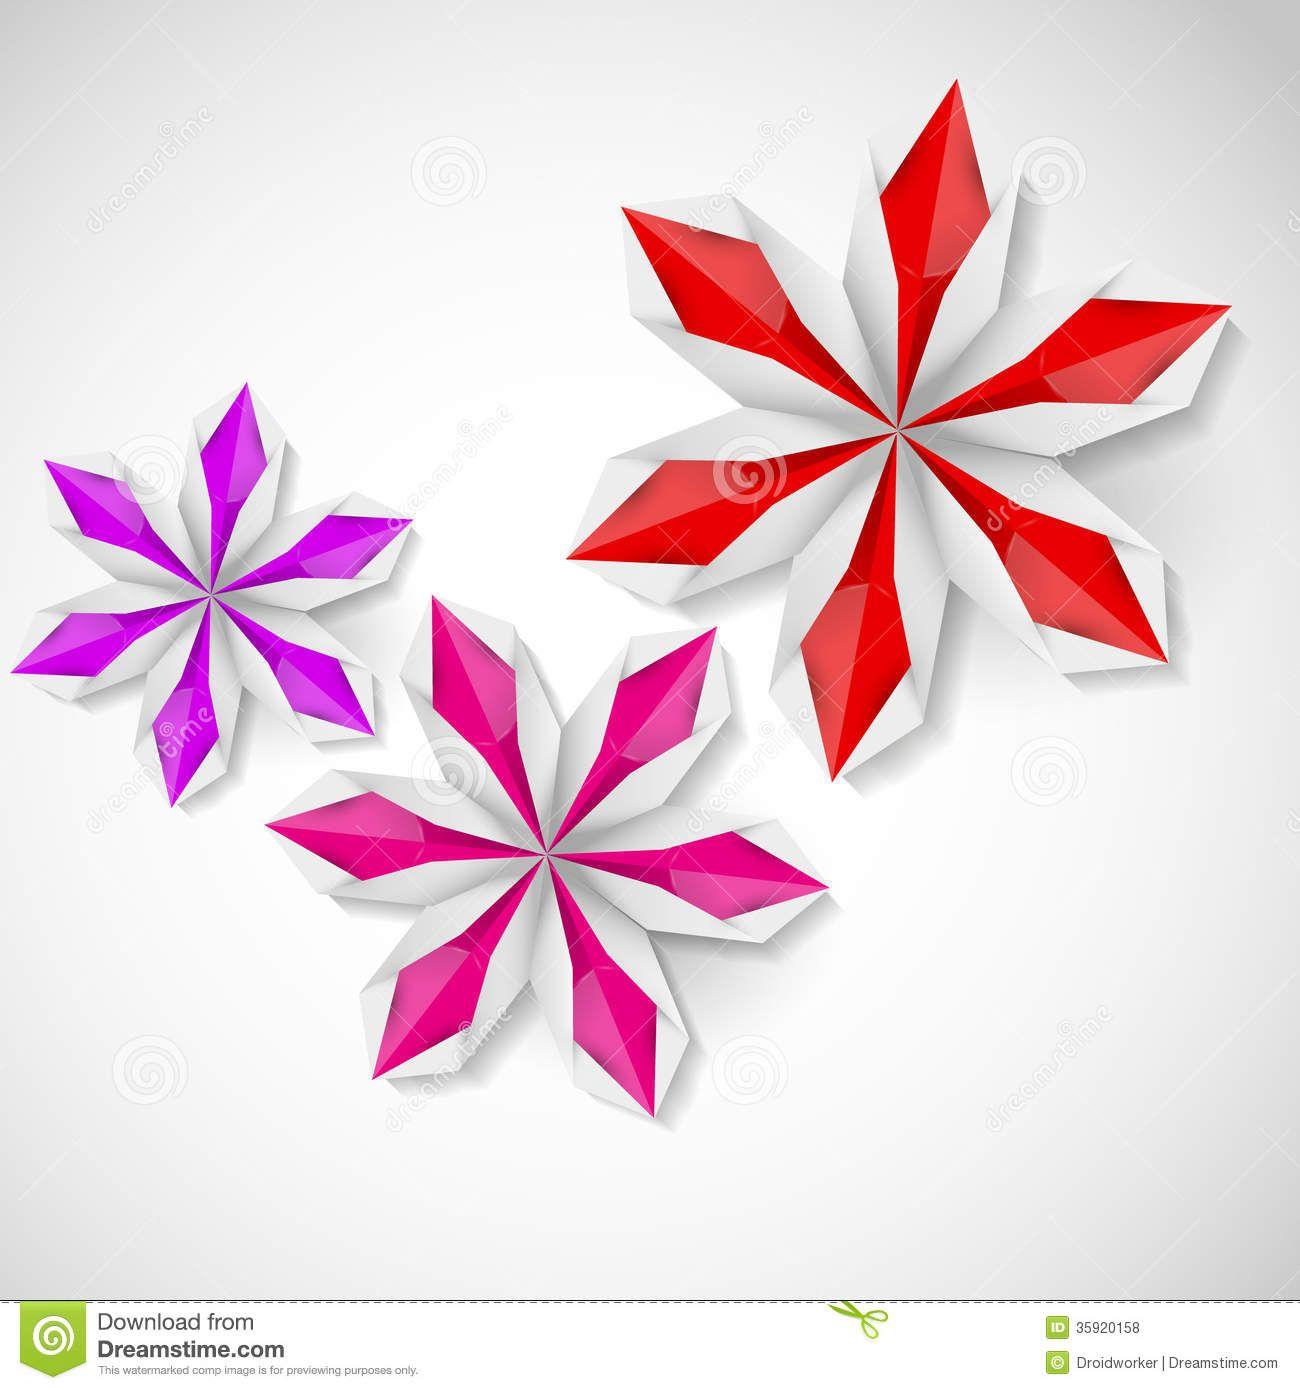 Flat origami flowers flat origami flower flower i love origami flat origami flowers flat origami flower flower mightylinksfo